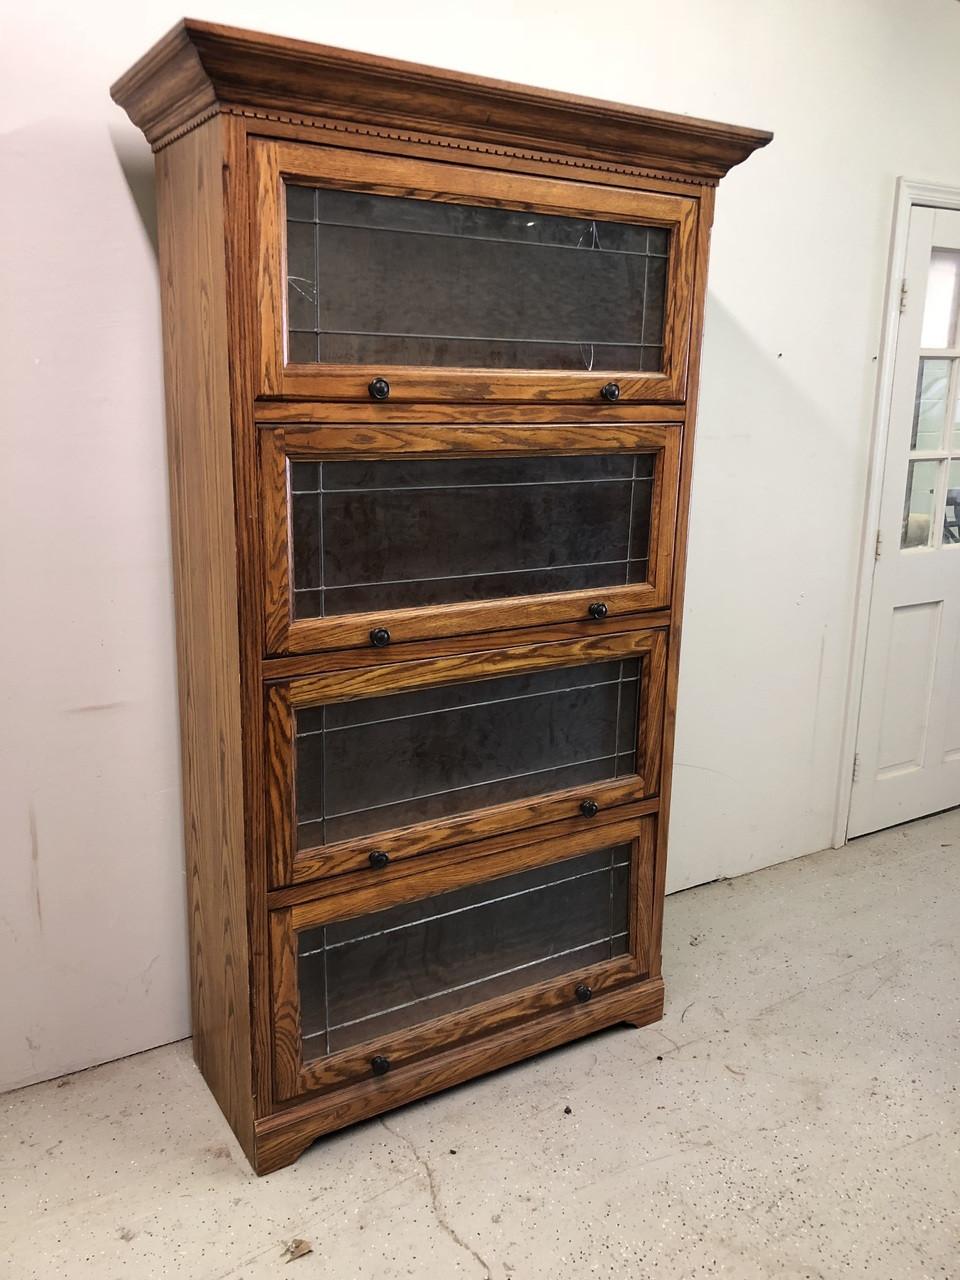 Large Oak Barrister Bookcase w/ Leaded Glass - Forgotten ...